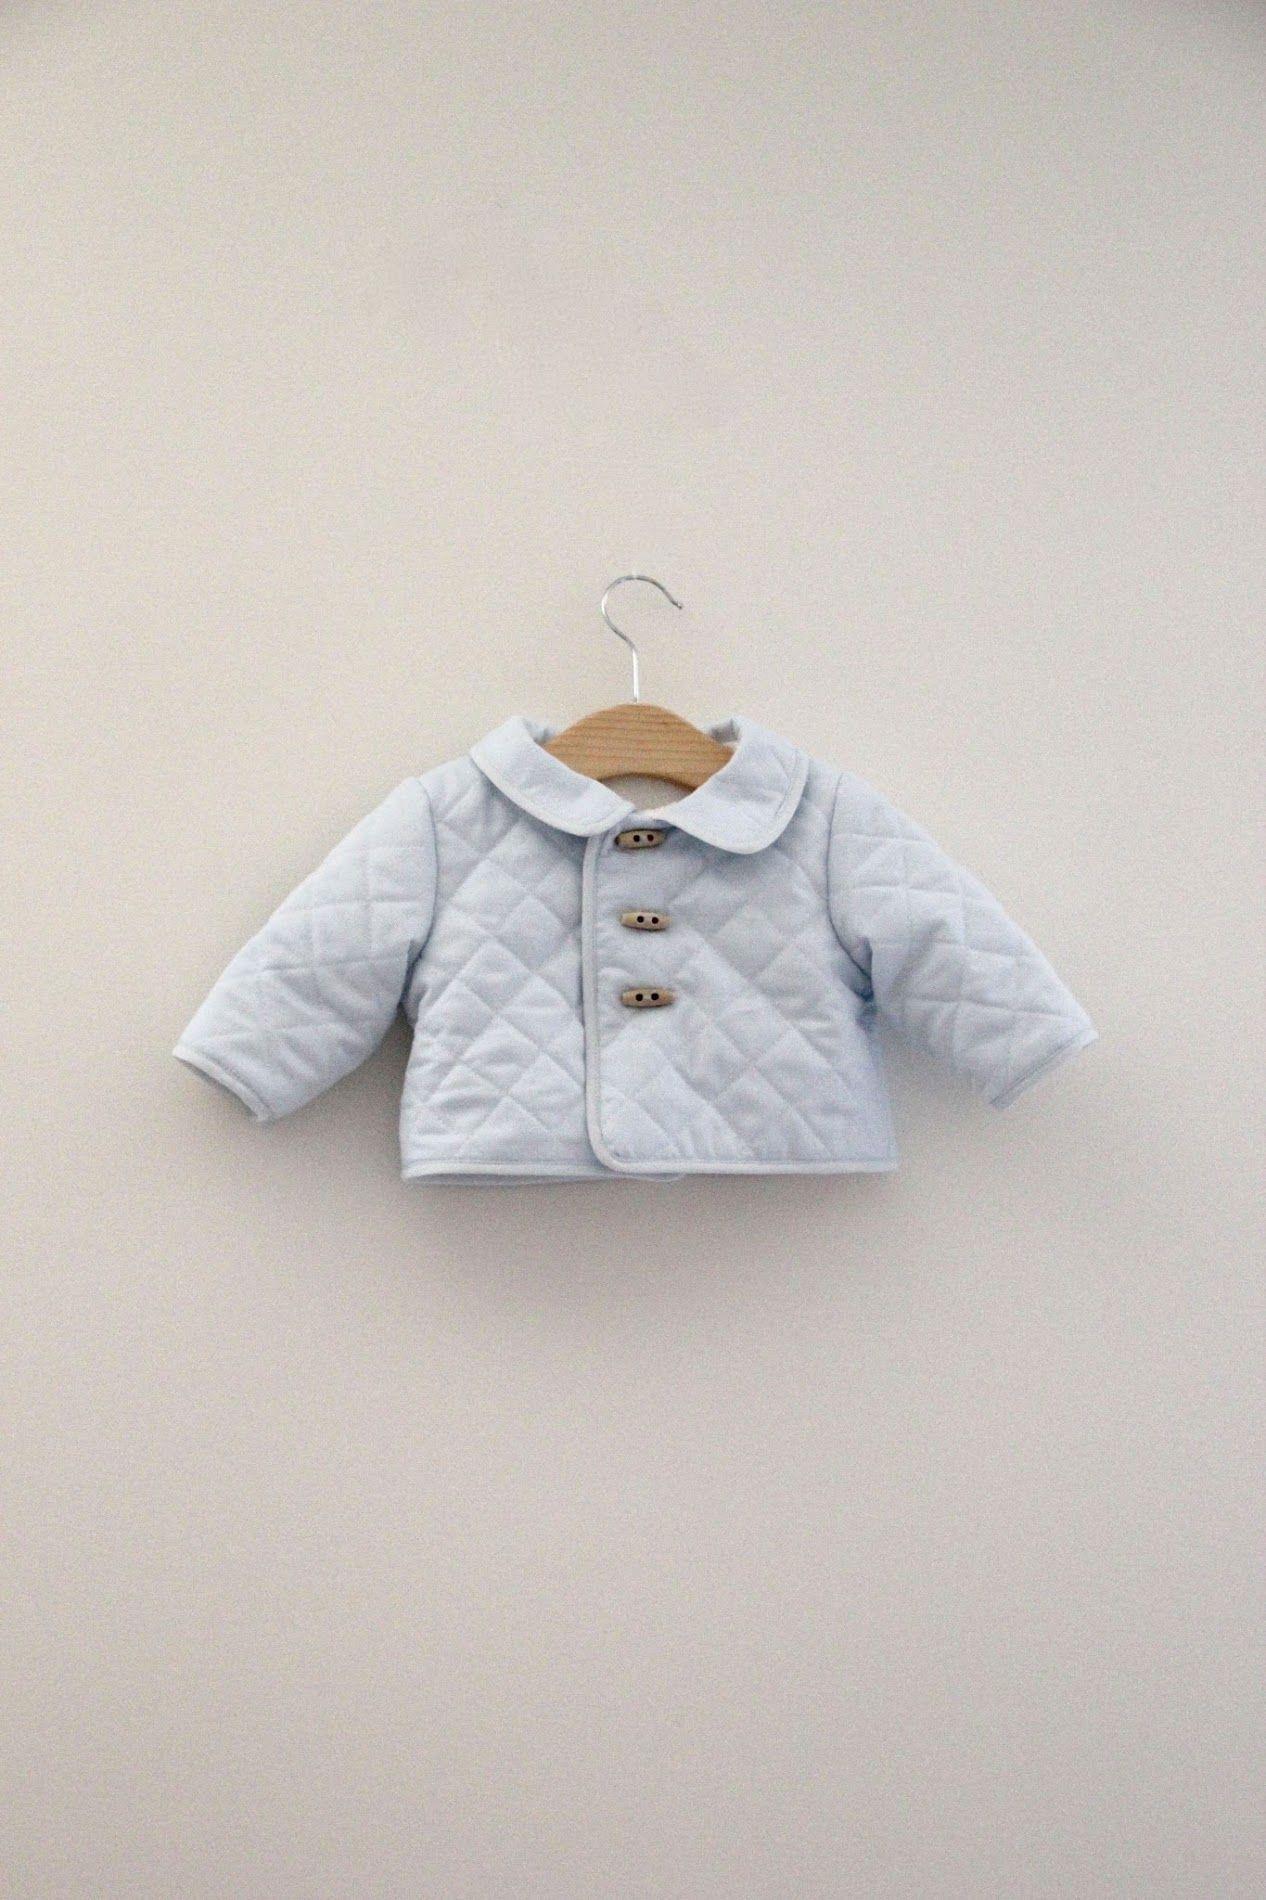 bricolage tutoriel vêtements de bébé patrons de couture manteau ...